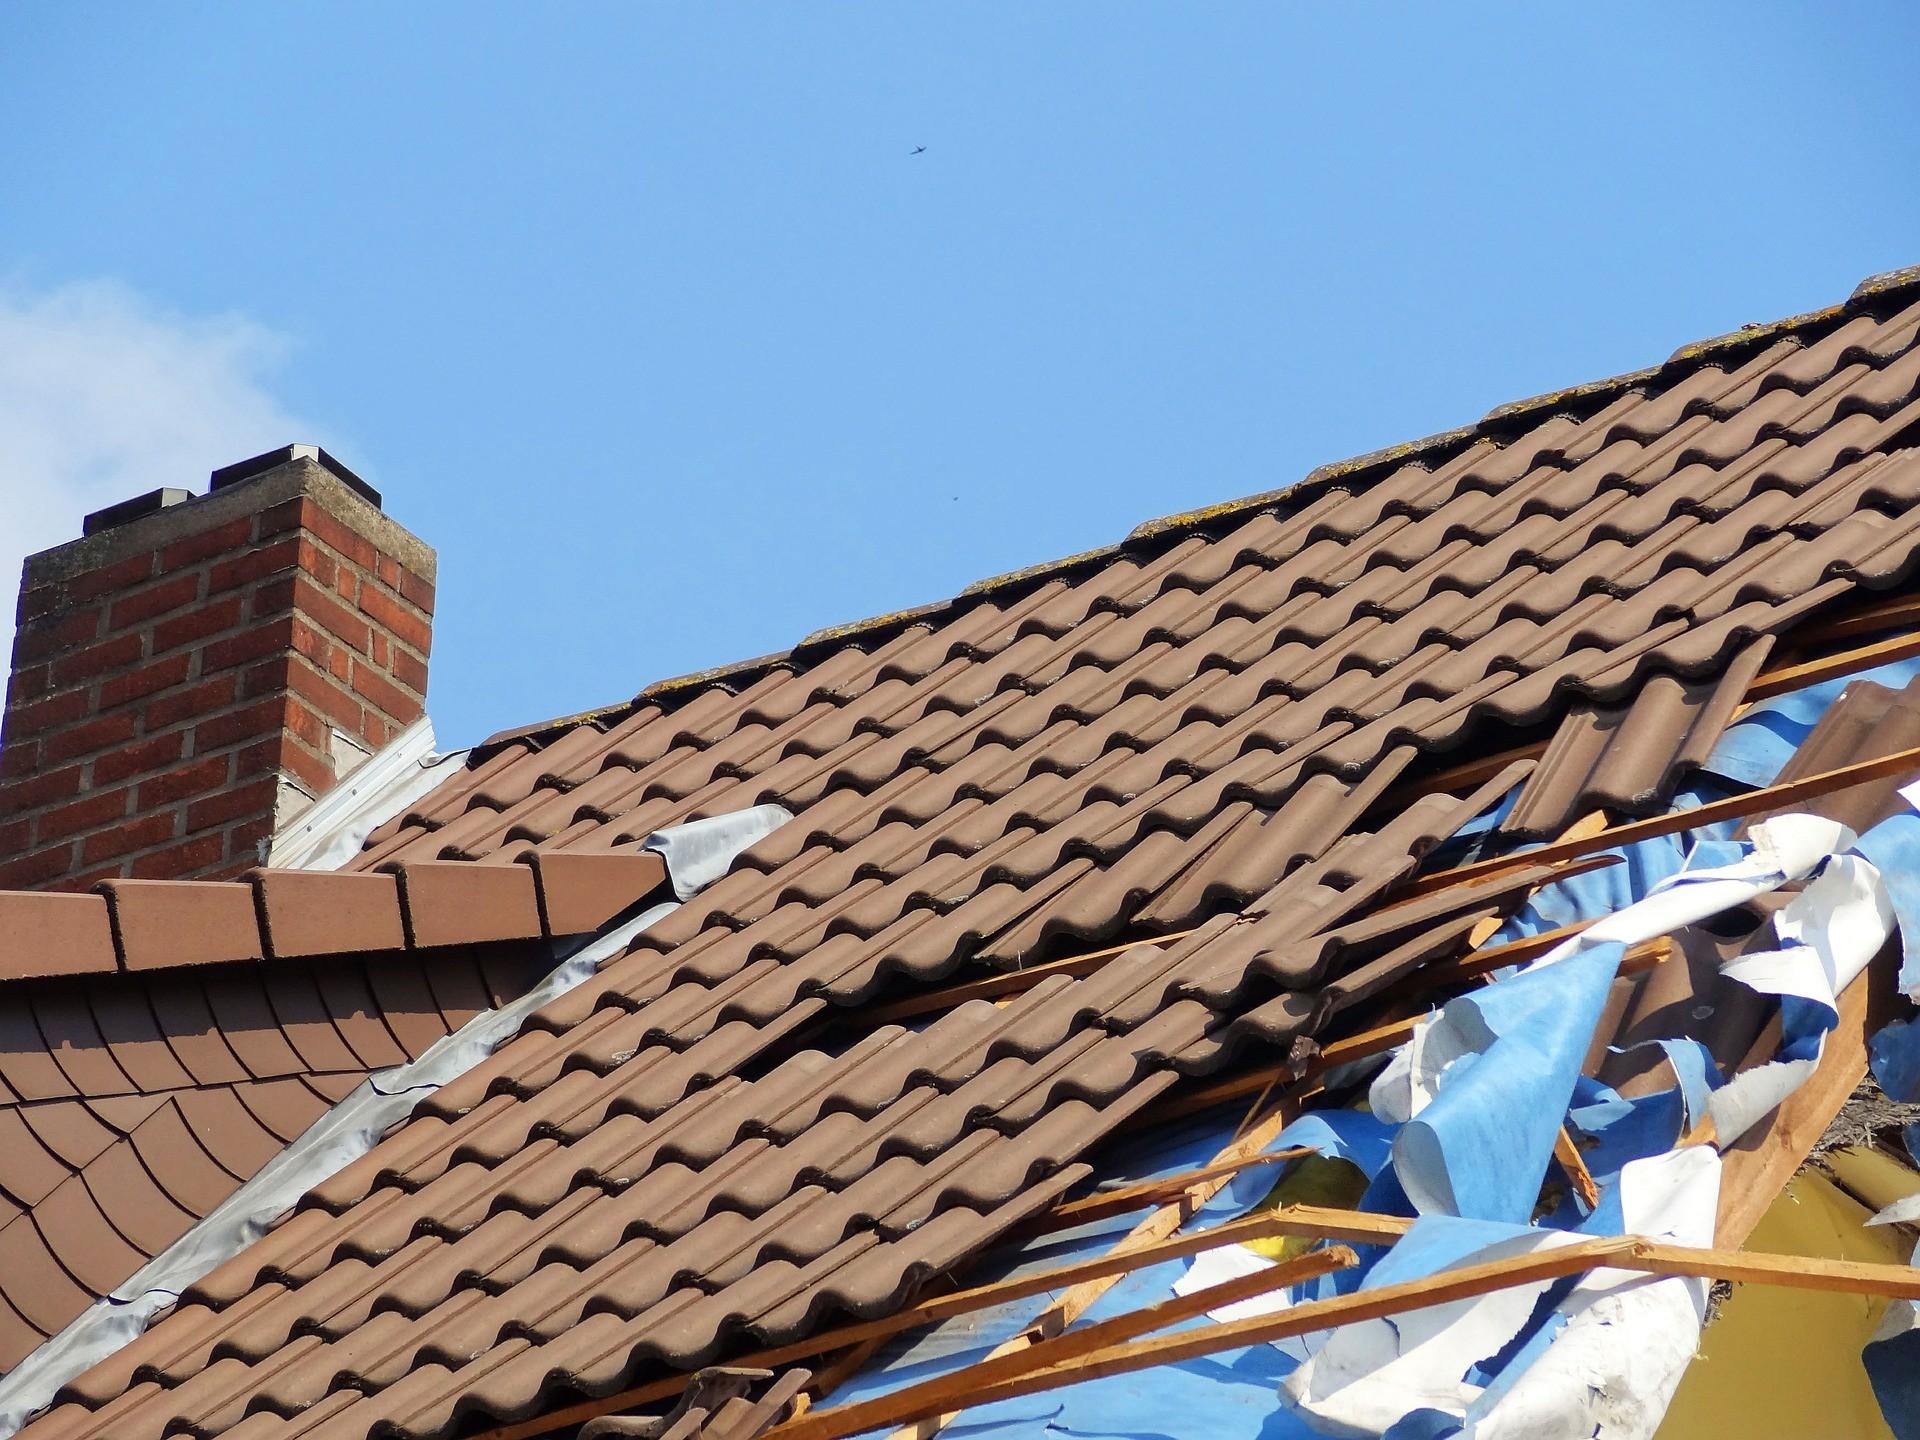 Mabisz: több mint 300 millió forint kárt okozott a vasárnapi vihar